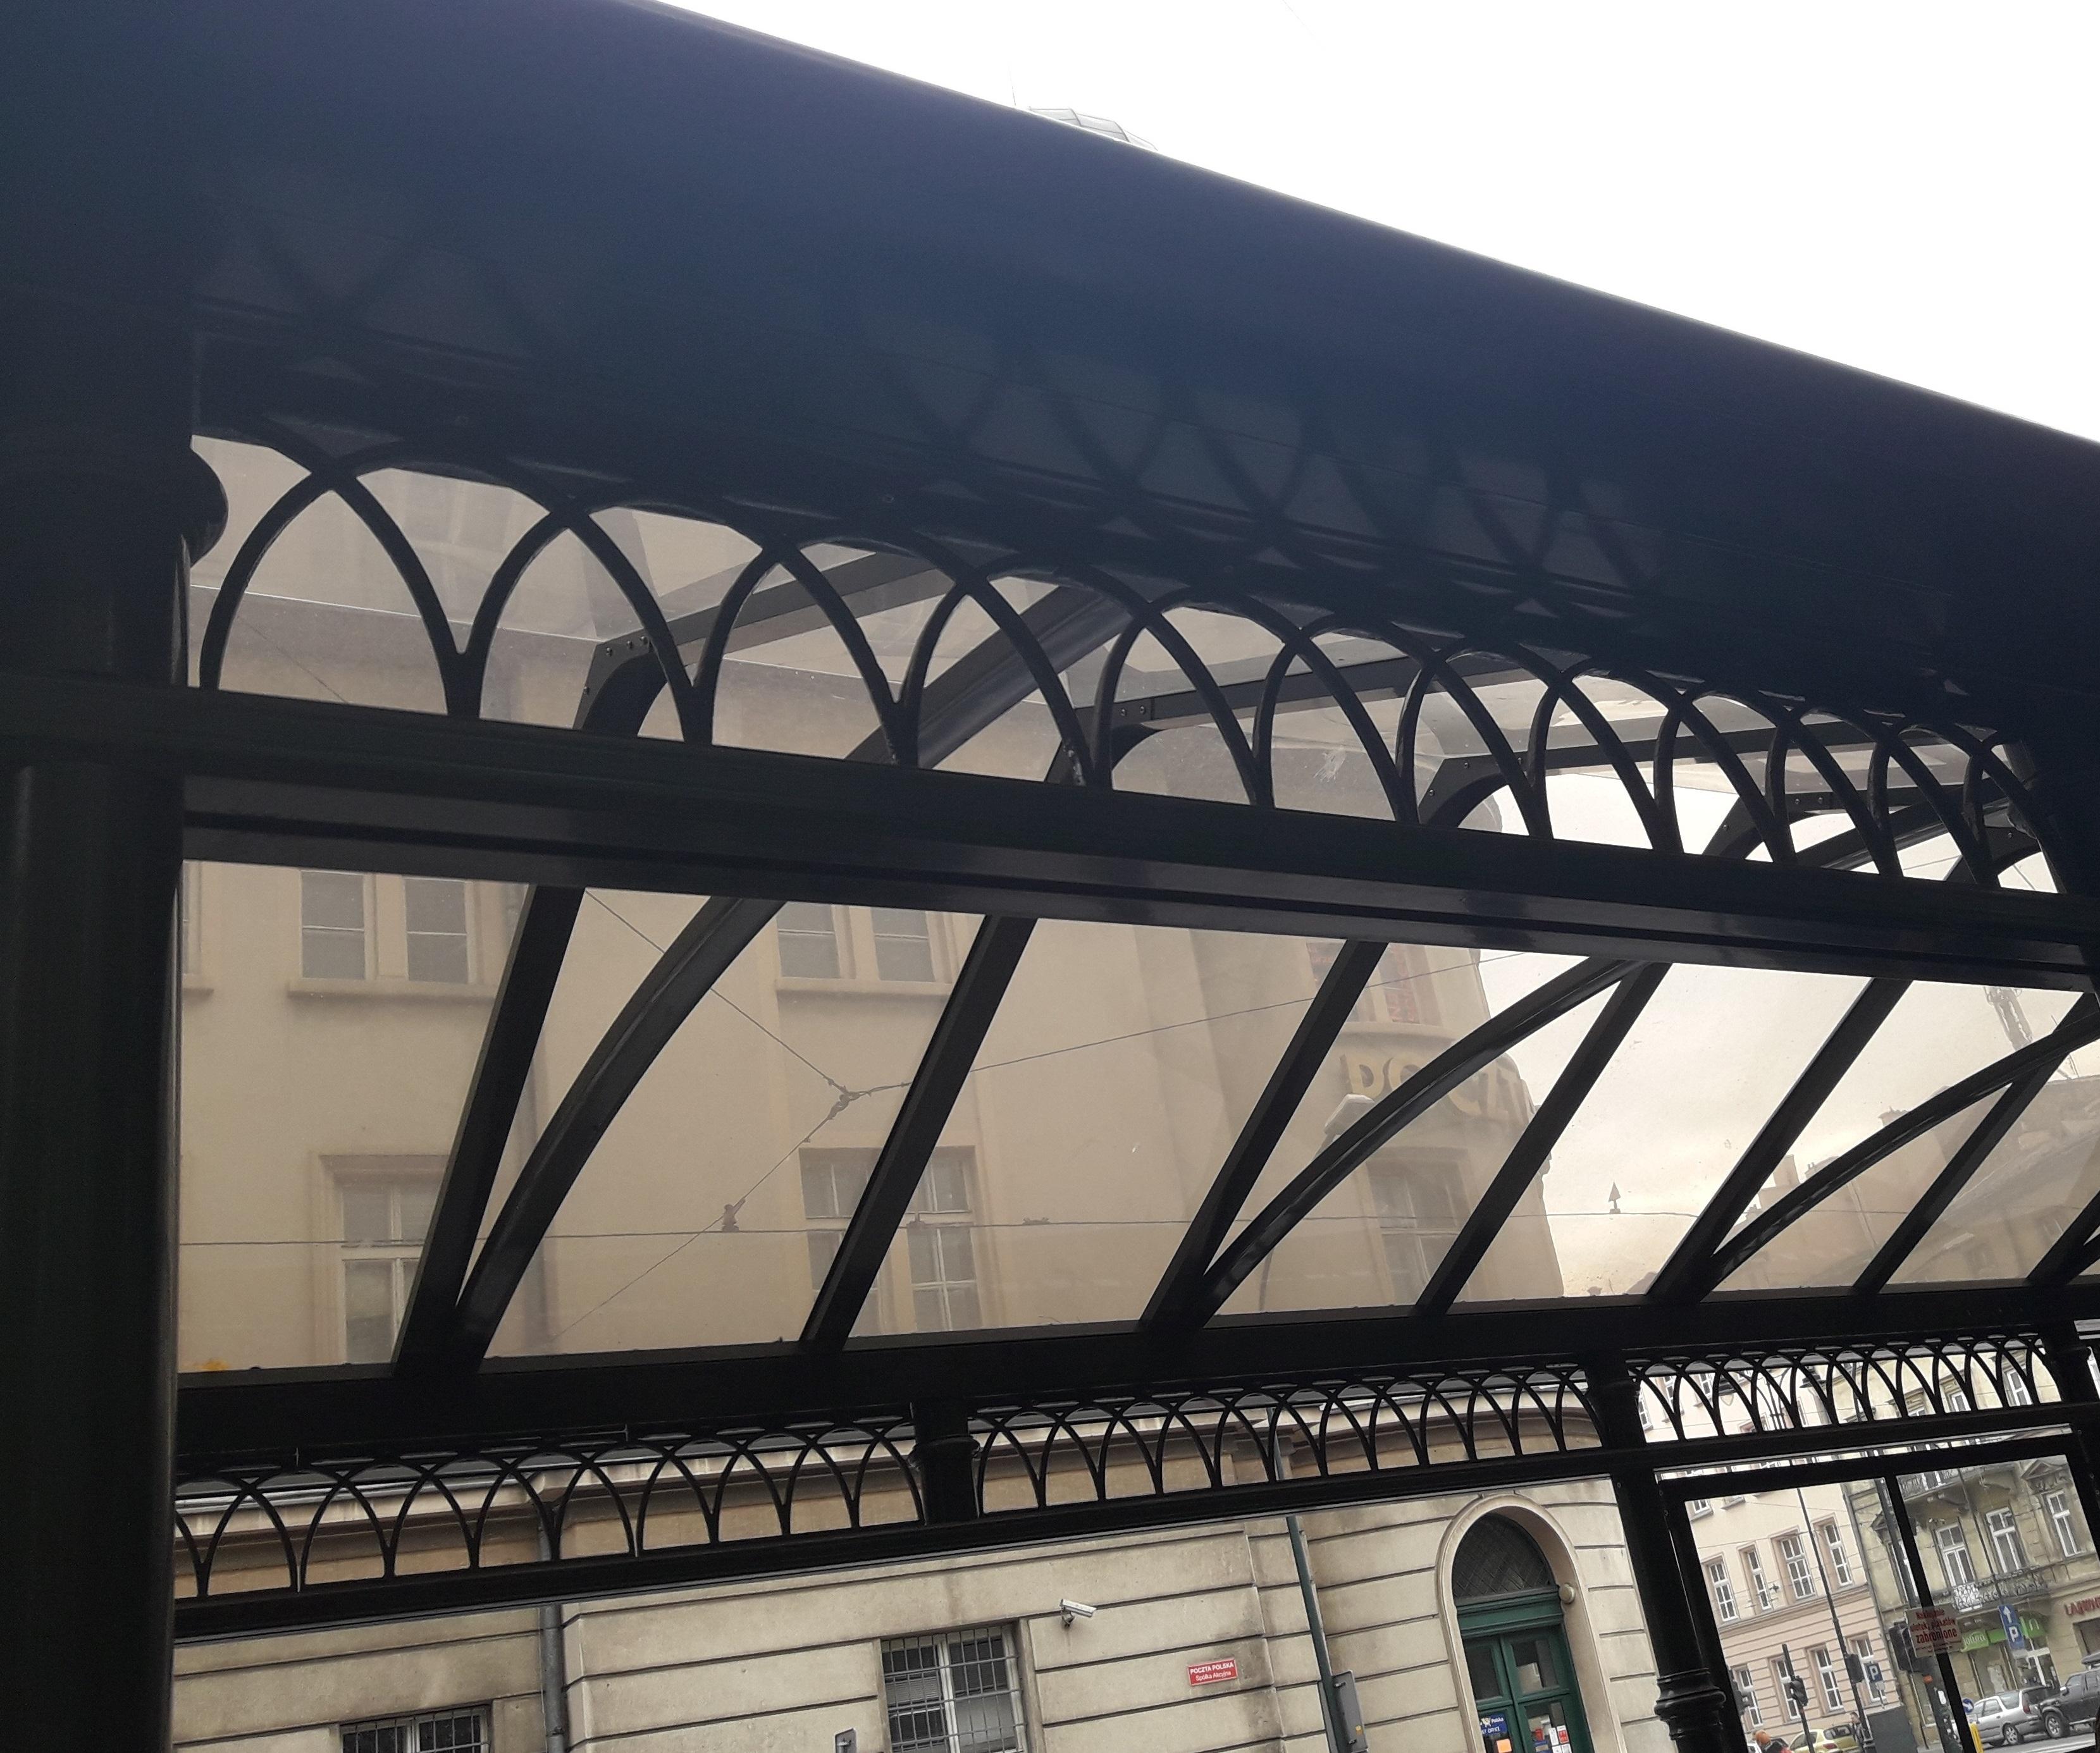 Dekor wiaty na przystankach w Krakowie